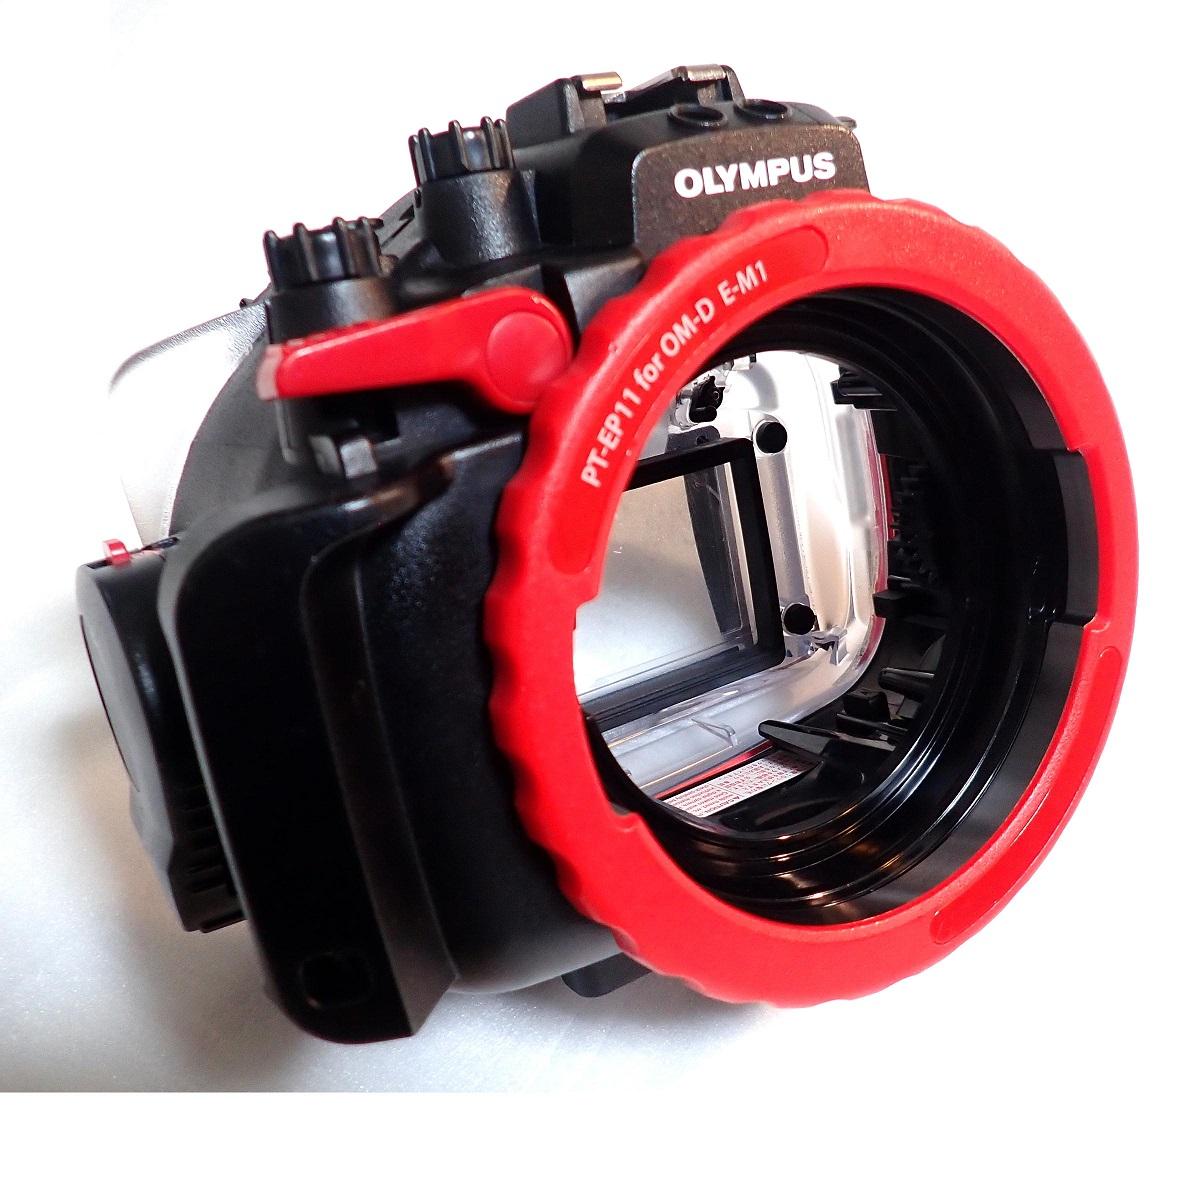 中古水中カメラ機材 オリンパス PT-EP11 防水プロテクター(OM-D E-M1用)